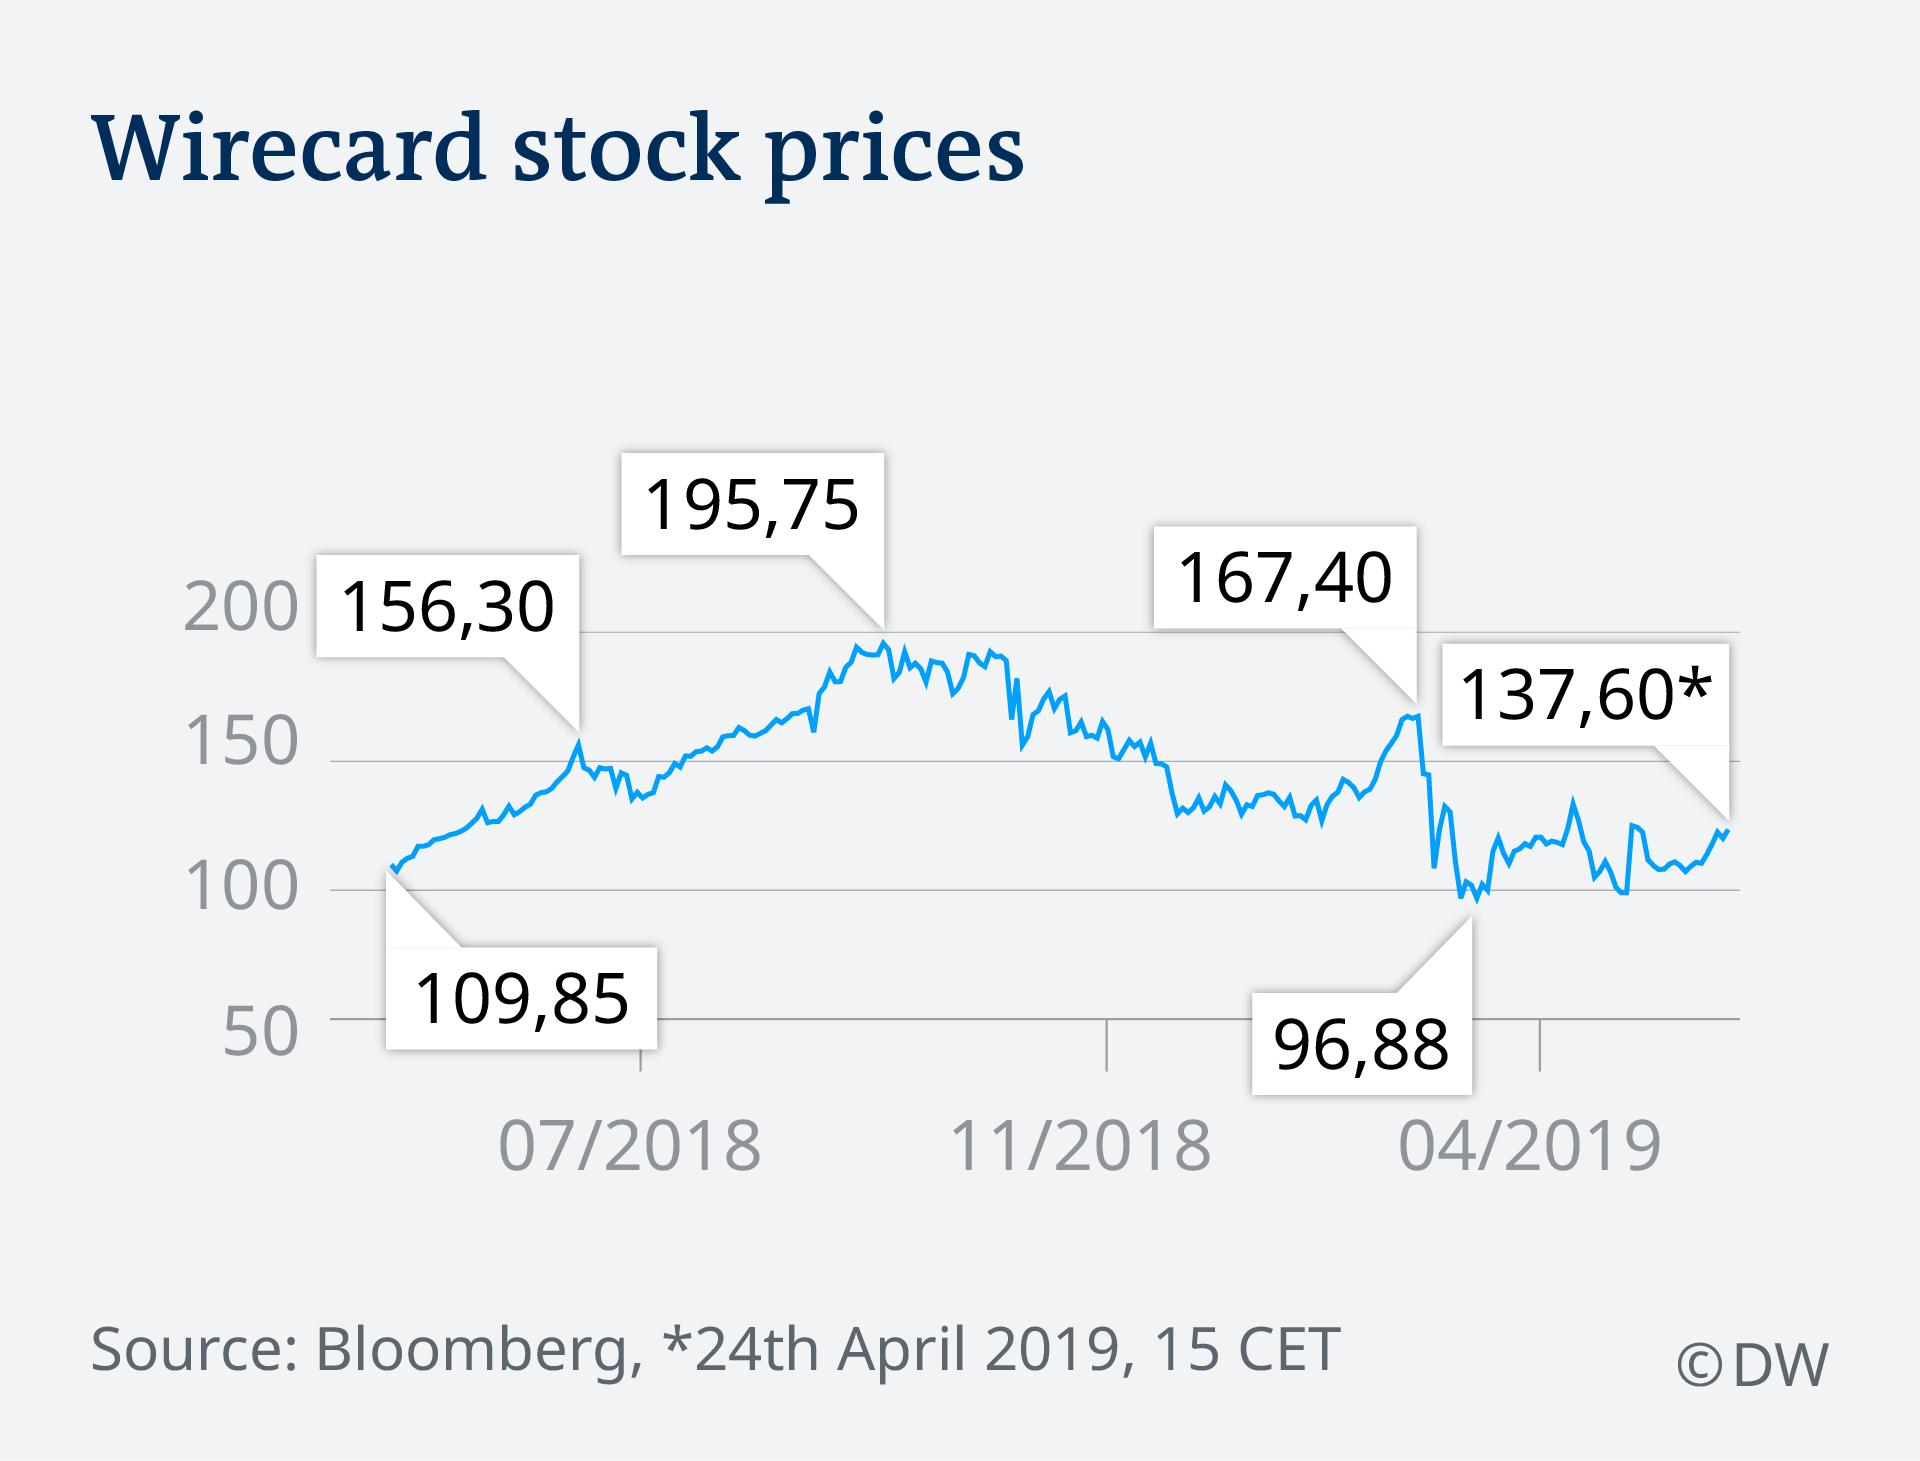 Котировки концерна Wirecard на бирже в течение 2018-2019 годов